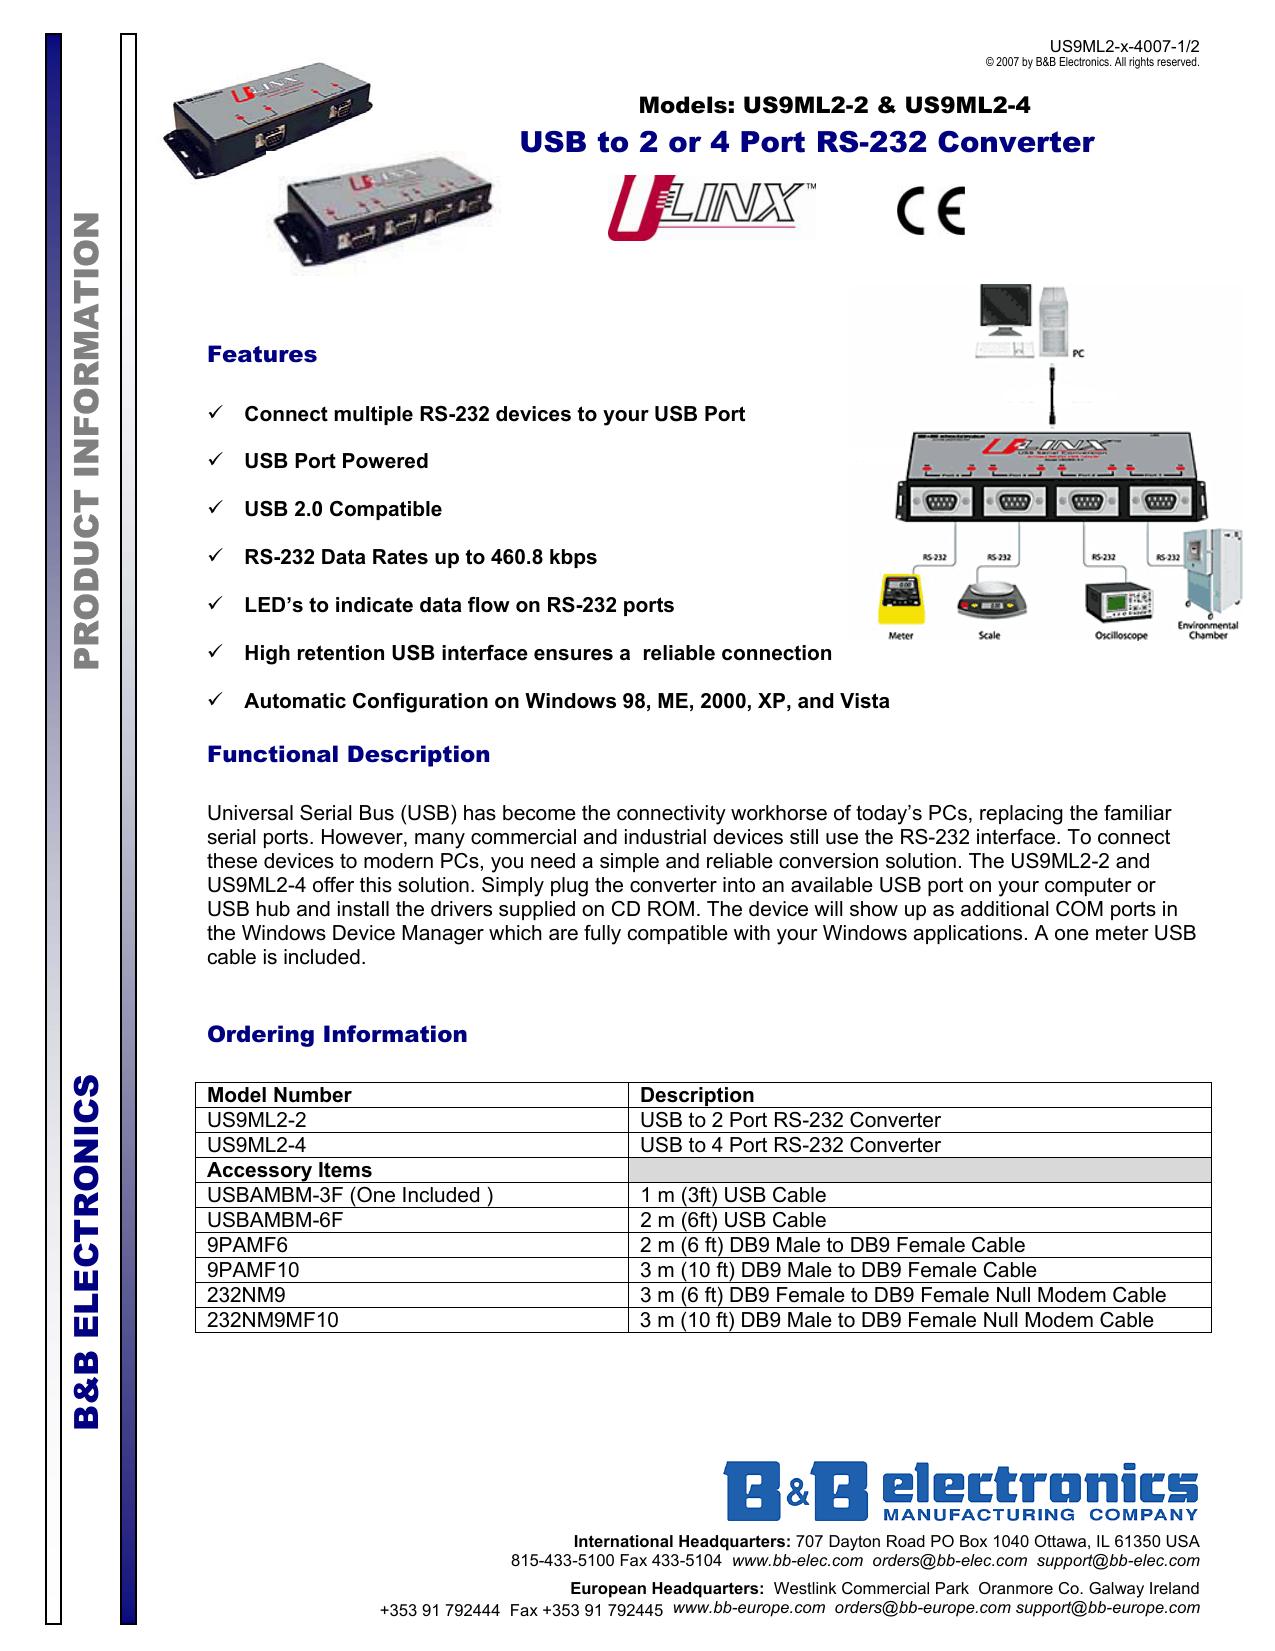 B&B USO9ML2DR-2 DRIVER